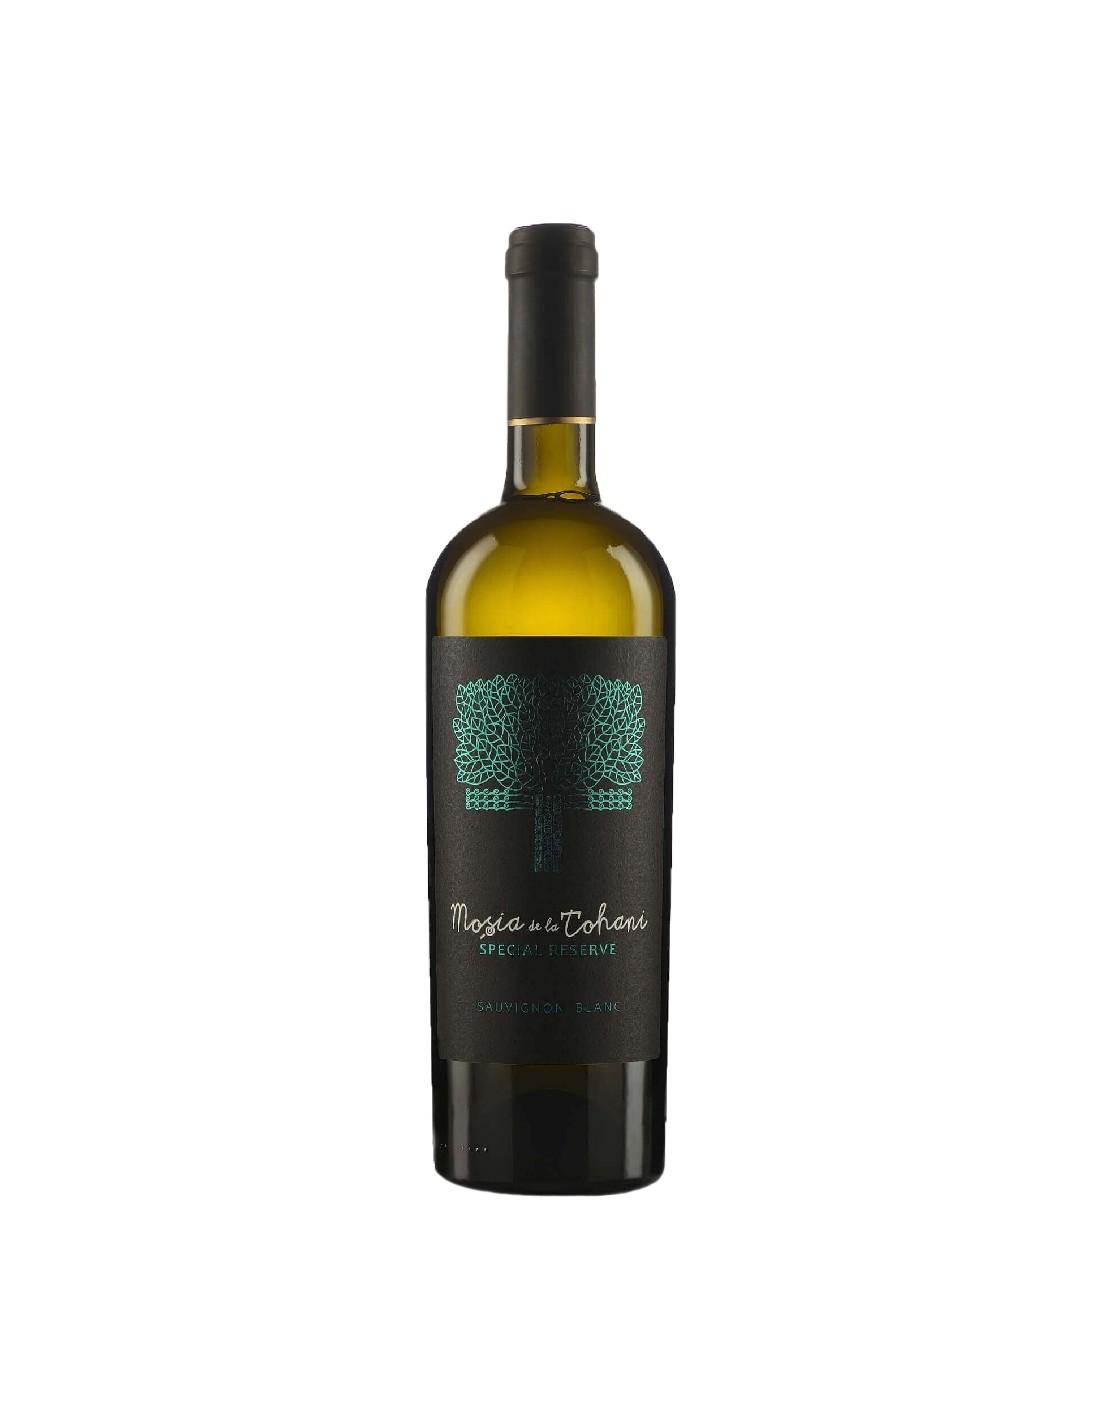 Vin alb sec, Sauvignon Blanc, Mosia Tohani Special Reserve, 13.5% alc, 0.75L, Romania